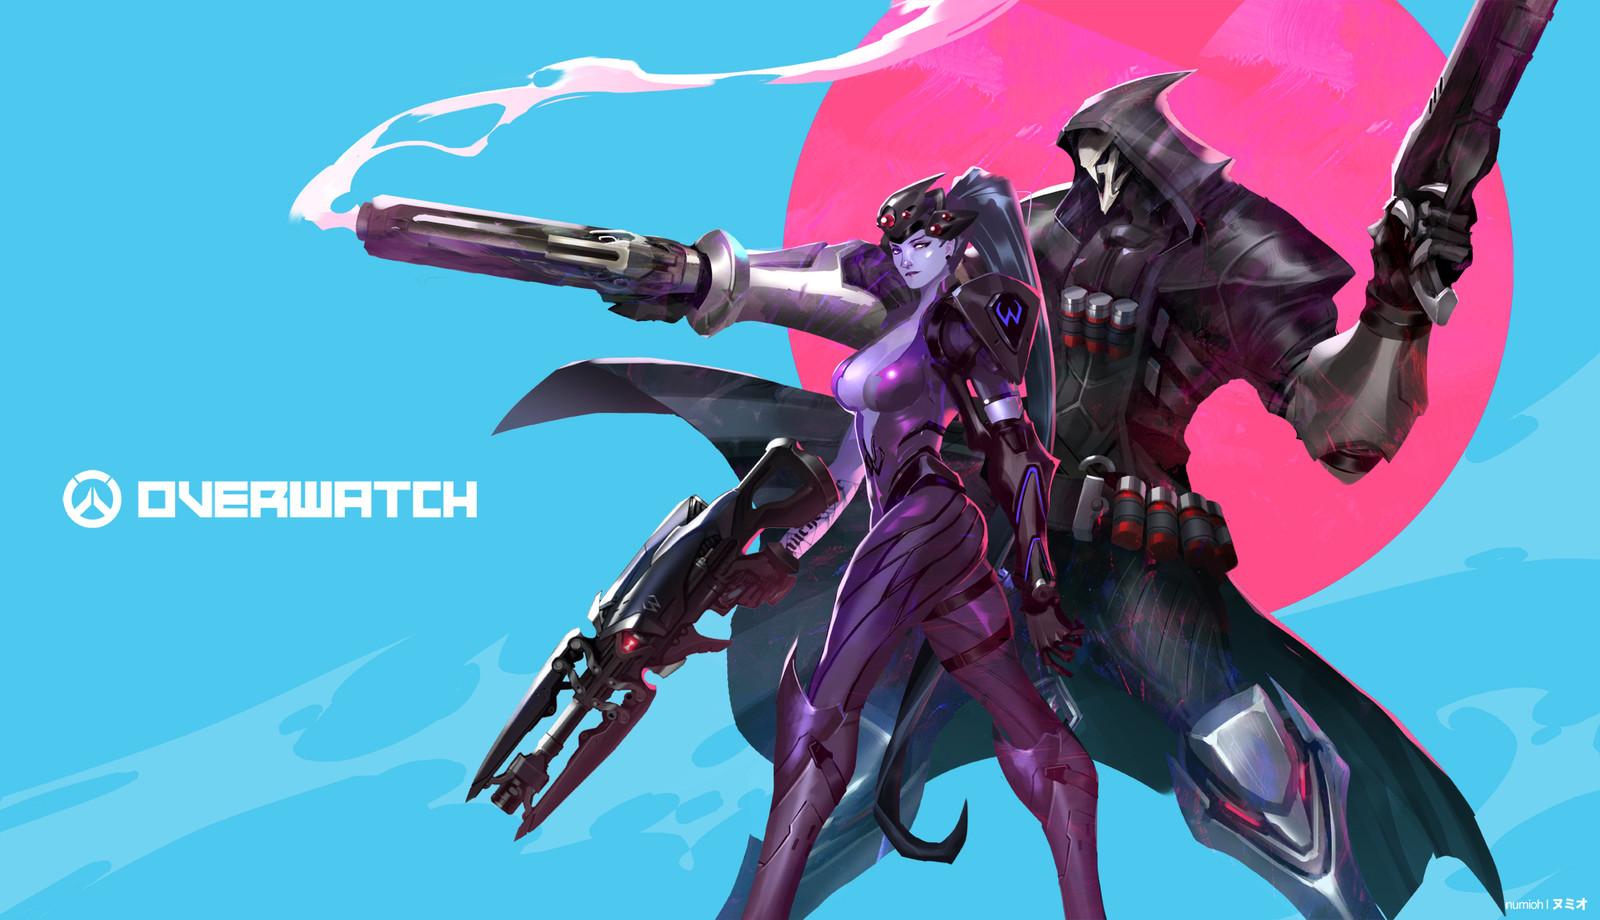 Overwatch | Widow Maker & Reaper